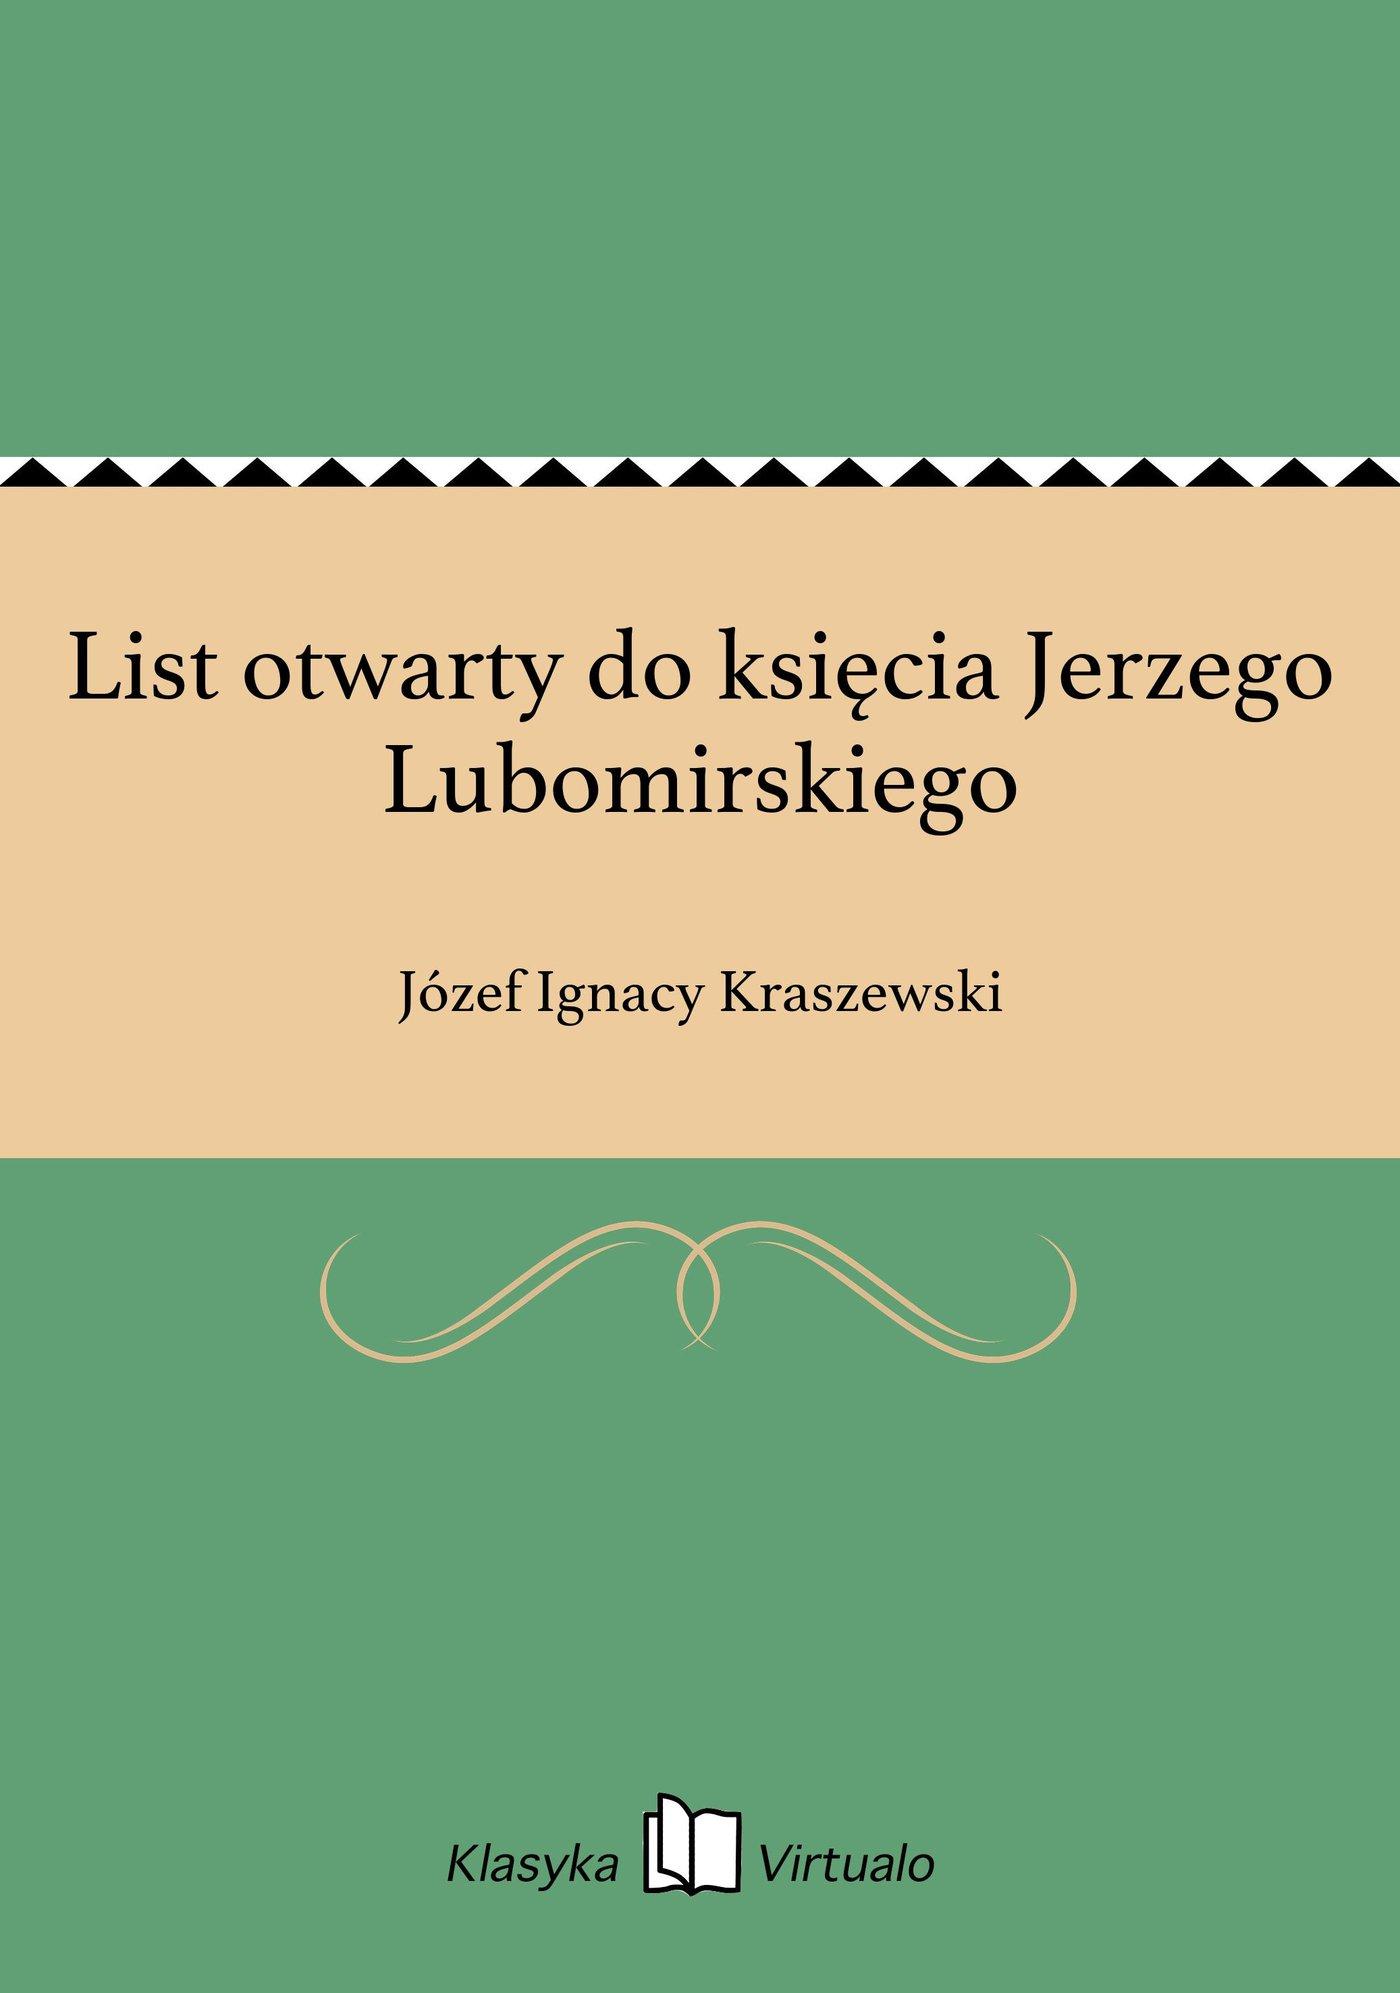 List otwarty do księcia Jerzego Lubomirskiego - Ebook (Książka na Kindle) do pobrania w formacie MOBI